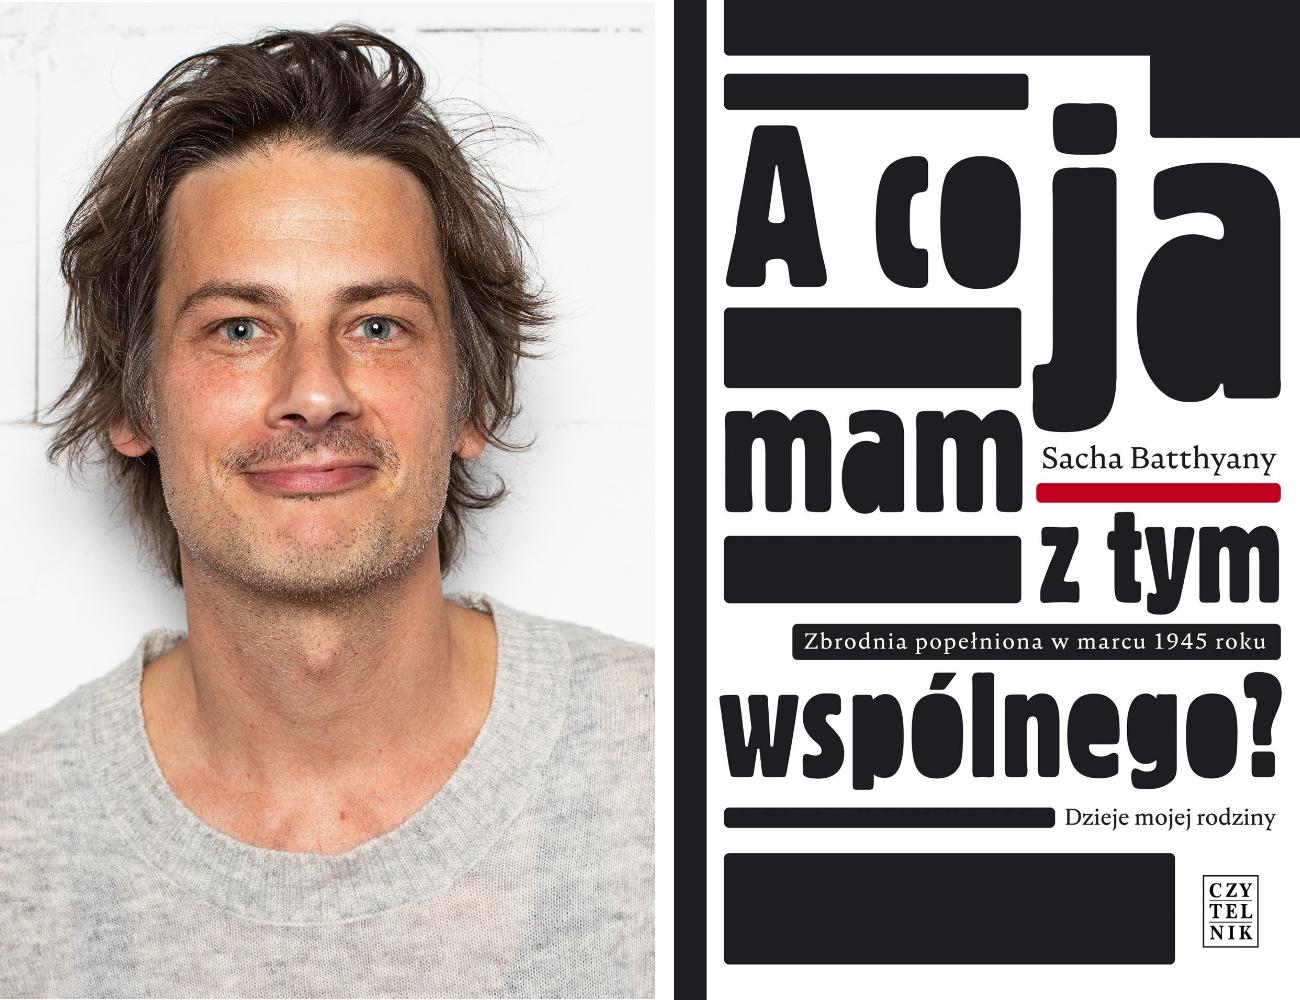 Książka ukazała się nakładem wydawnictwa Czytelnik (Fot. Dawid Żuchowicz / Agencja Gazeta / mat. promoycjne)